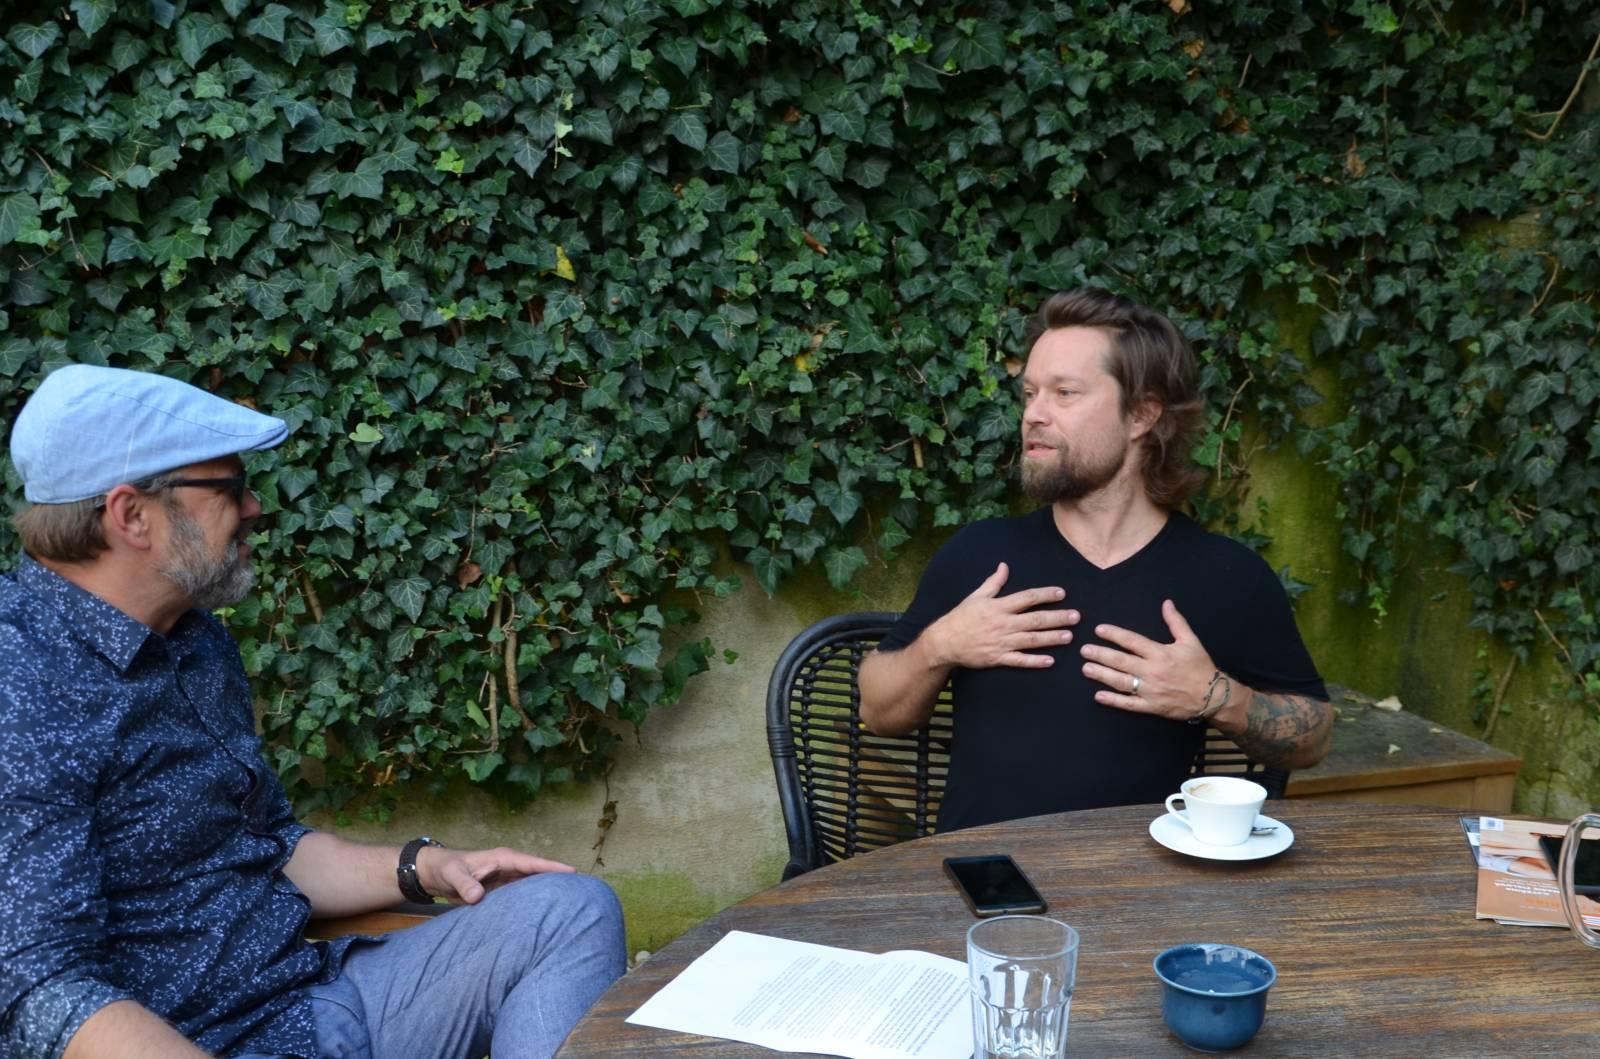 ROZHOVOR | Richard Krajčo: Mám pocit, že se blížíme k názorové diktatuře. Na novém albu se mi líbí úplně každá písnička